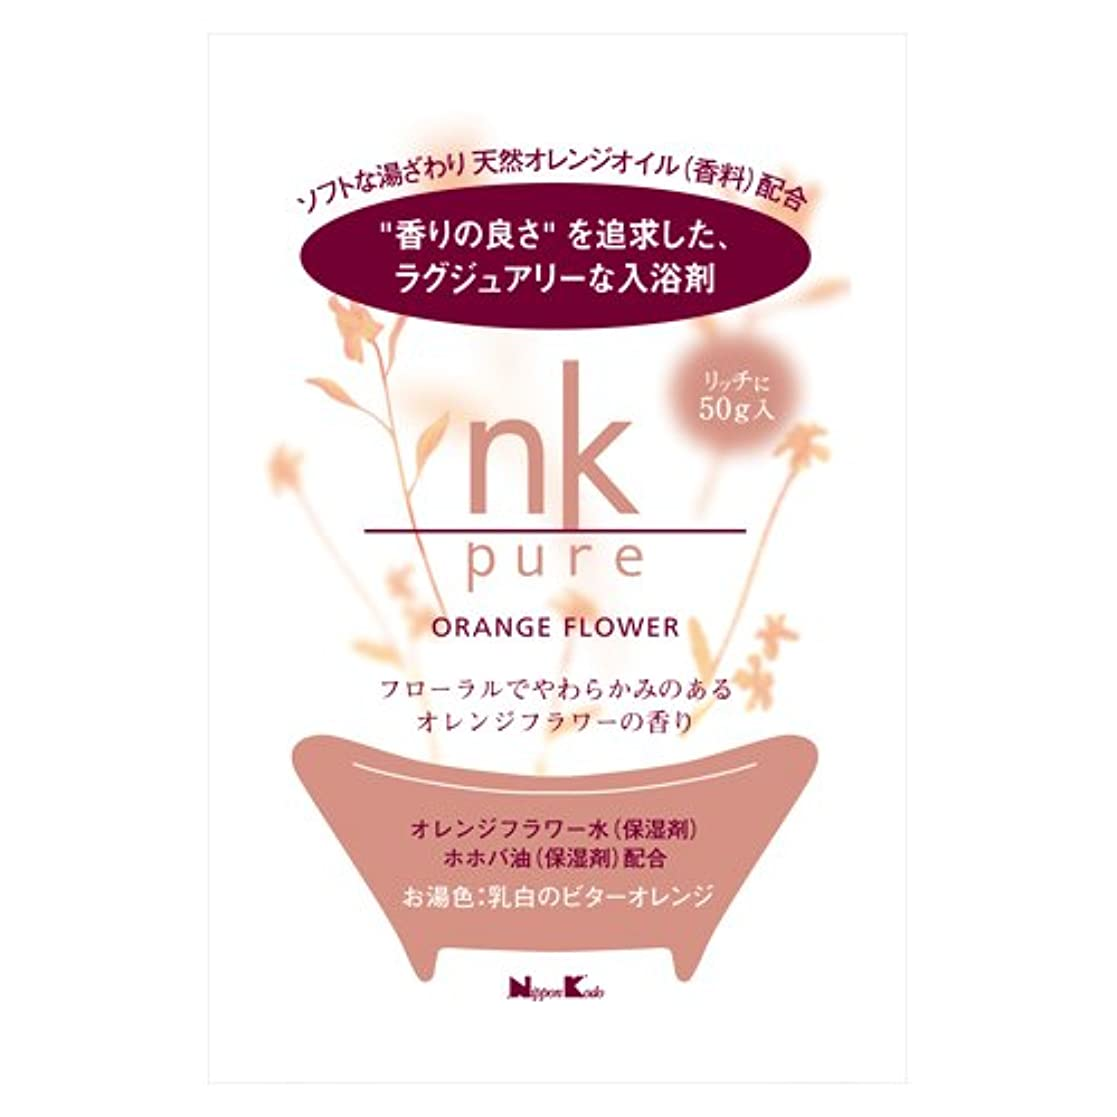 シャーク果てしない先史時代の【X10個セット】 nk pure 入浴剤 オレンジフラワー 50g